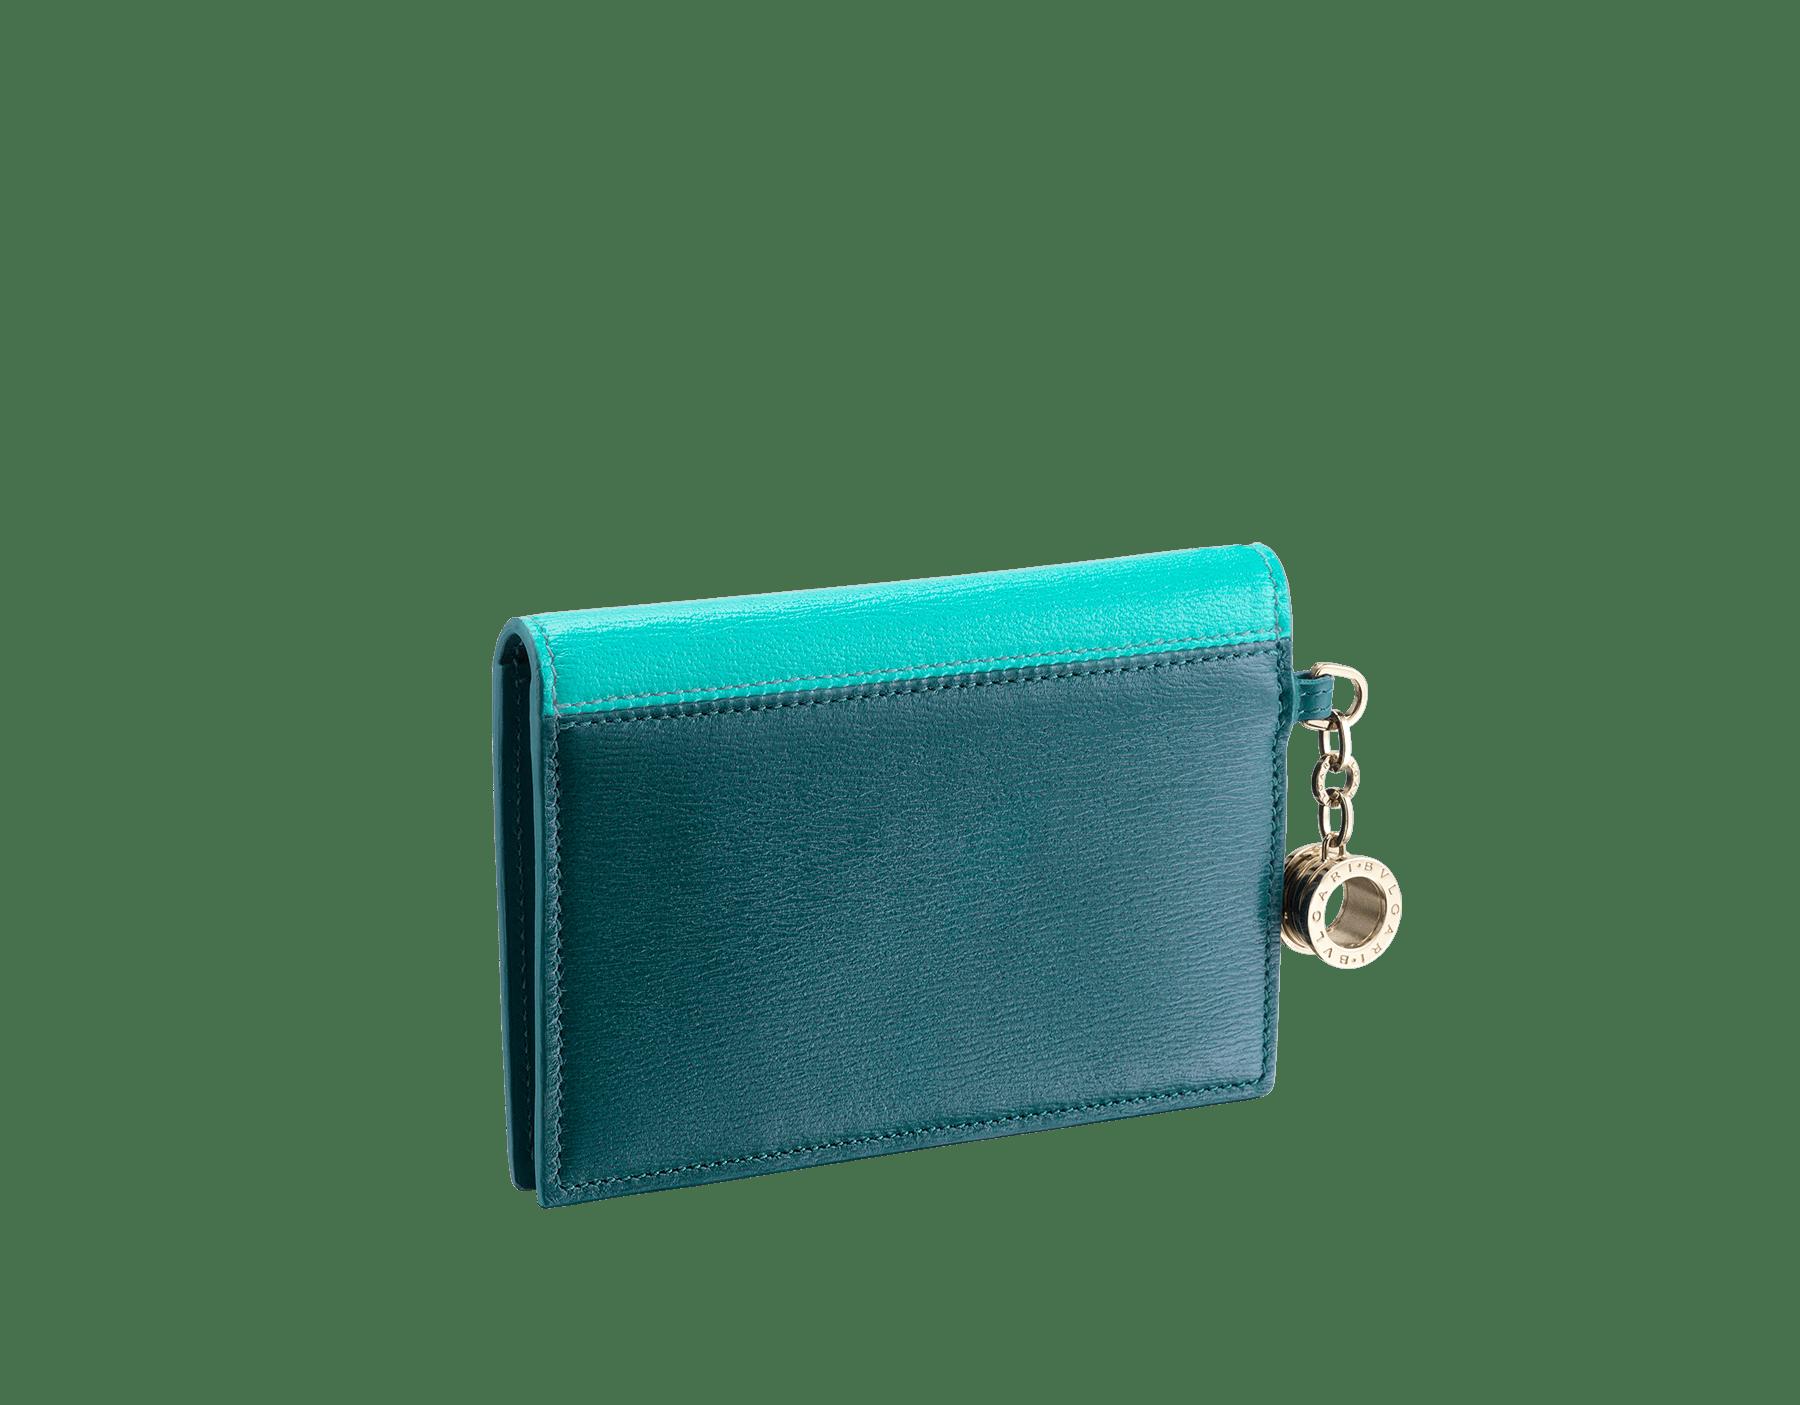 Tarjetero desplegable para tarjetas de crédito B.zero1 de piel de cabra de color turquesa tropical y jade oscuro. Emblemático charm B.zero1 de latón bañado en oro claro. 288238 image 3